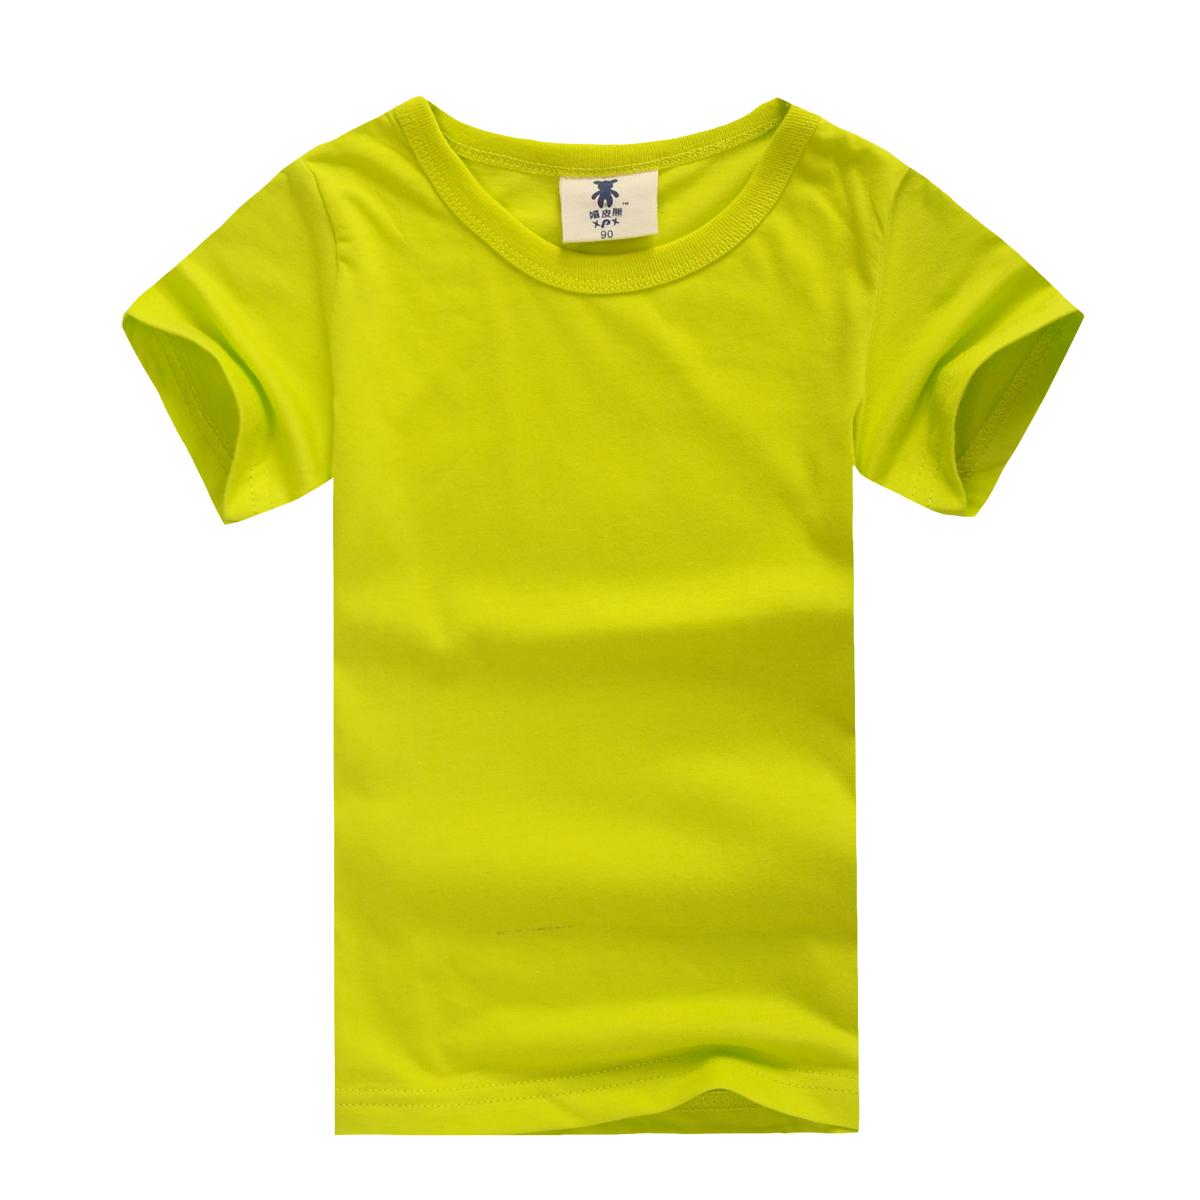 Цвет: флуоресцентный жёлтый